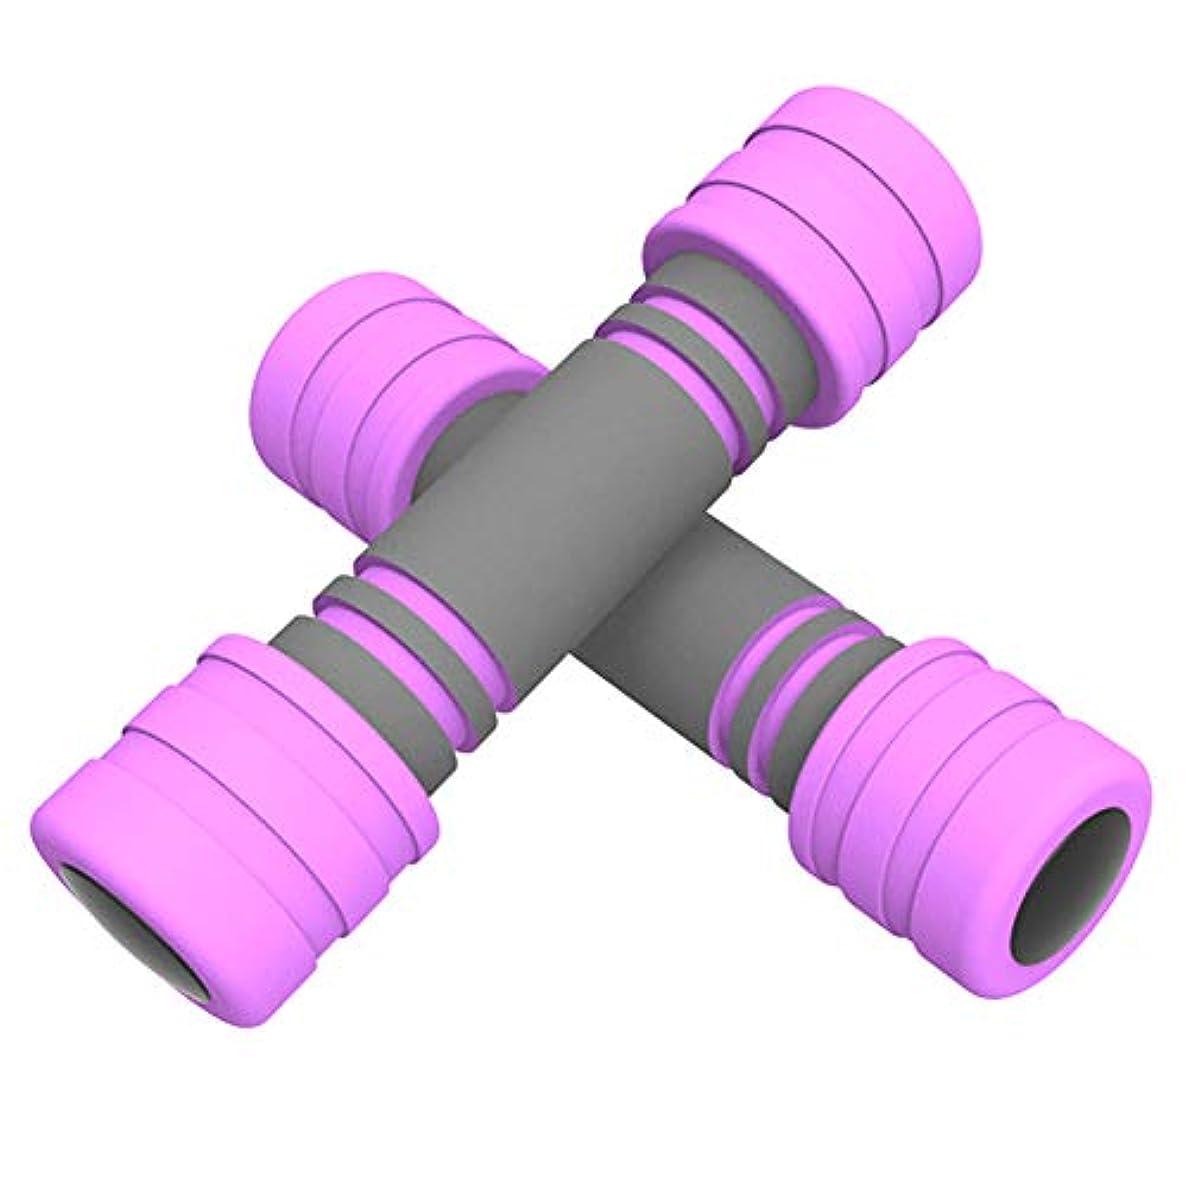 モンク確率マント女性ダンベル2KG / 3KG2個セット筋力トレーニング 嫌気性トレーニングハンドウェイトTnPジム家庭用ヨガピラティスウェイトエクササイズ上腕二頭筋